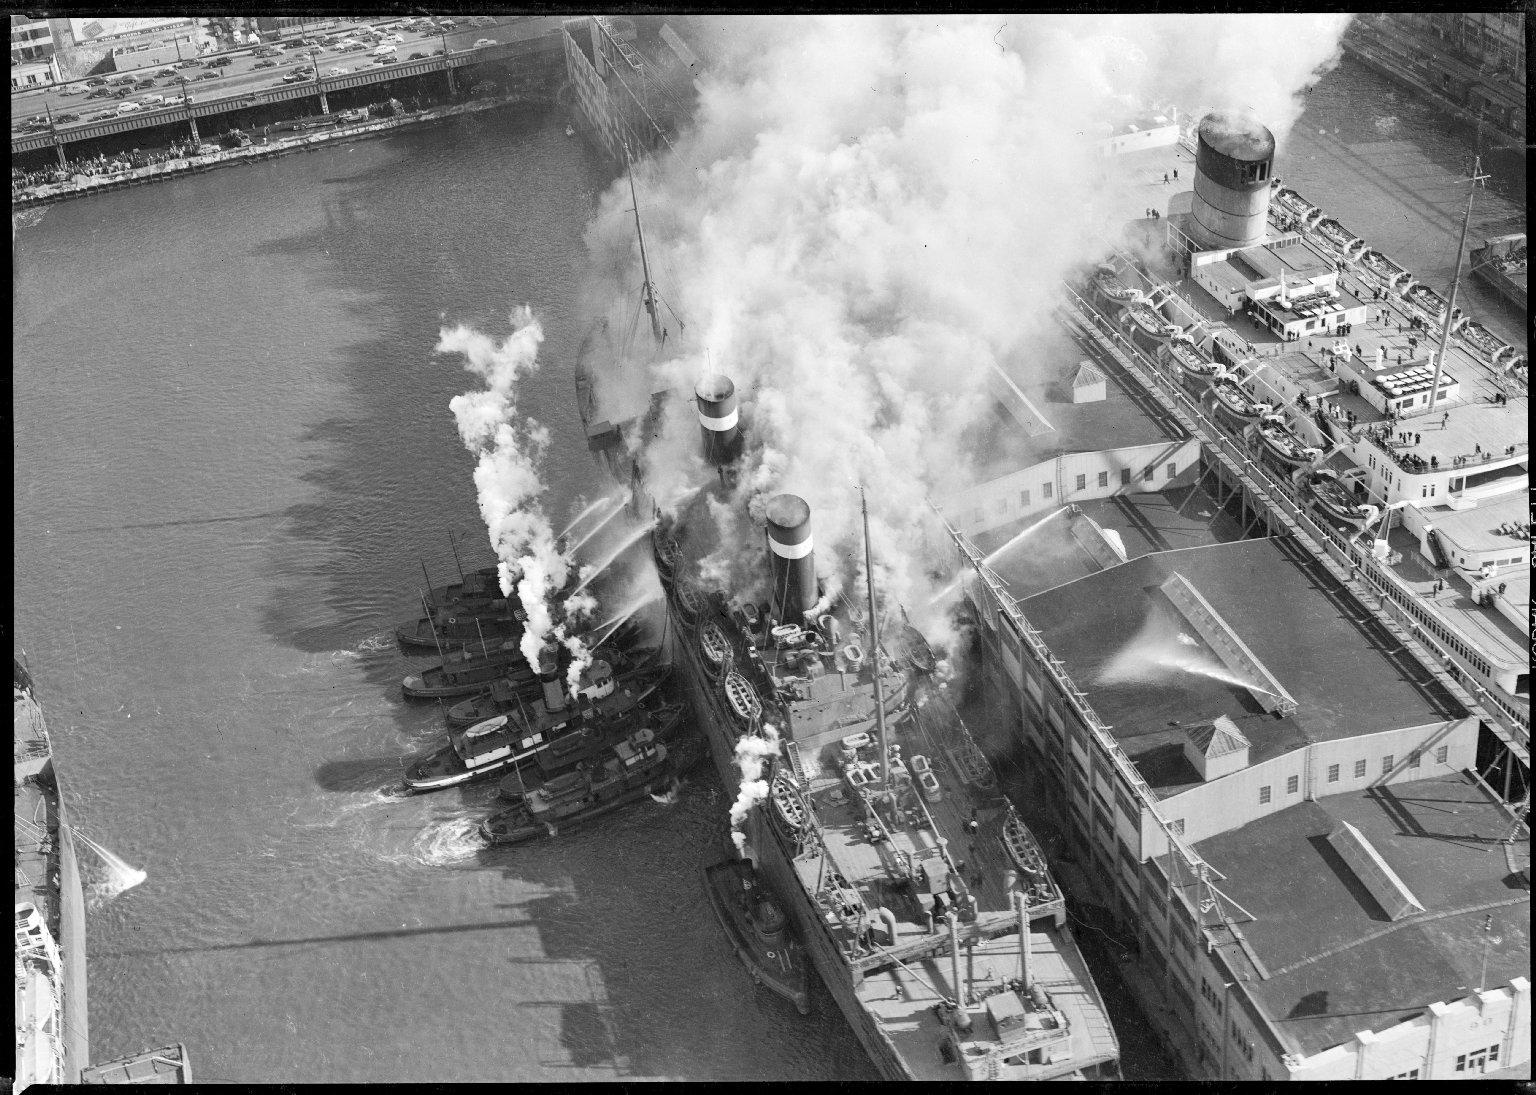 Тушение пожара на судне с помощью пожарных катеров. Нью-Йорк, США. 1950-е